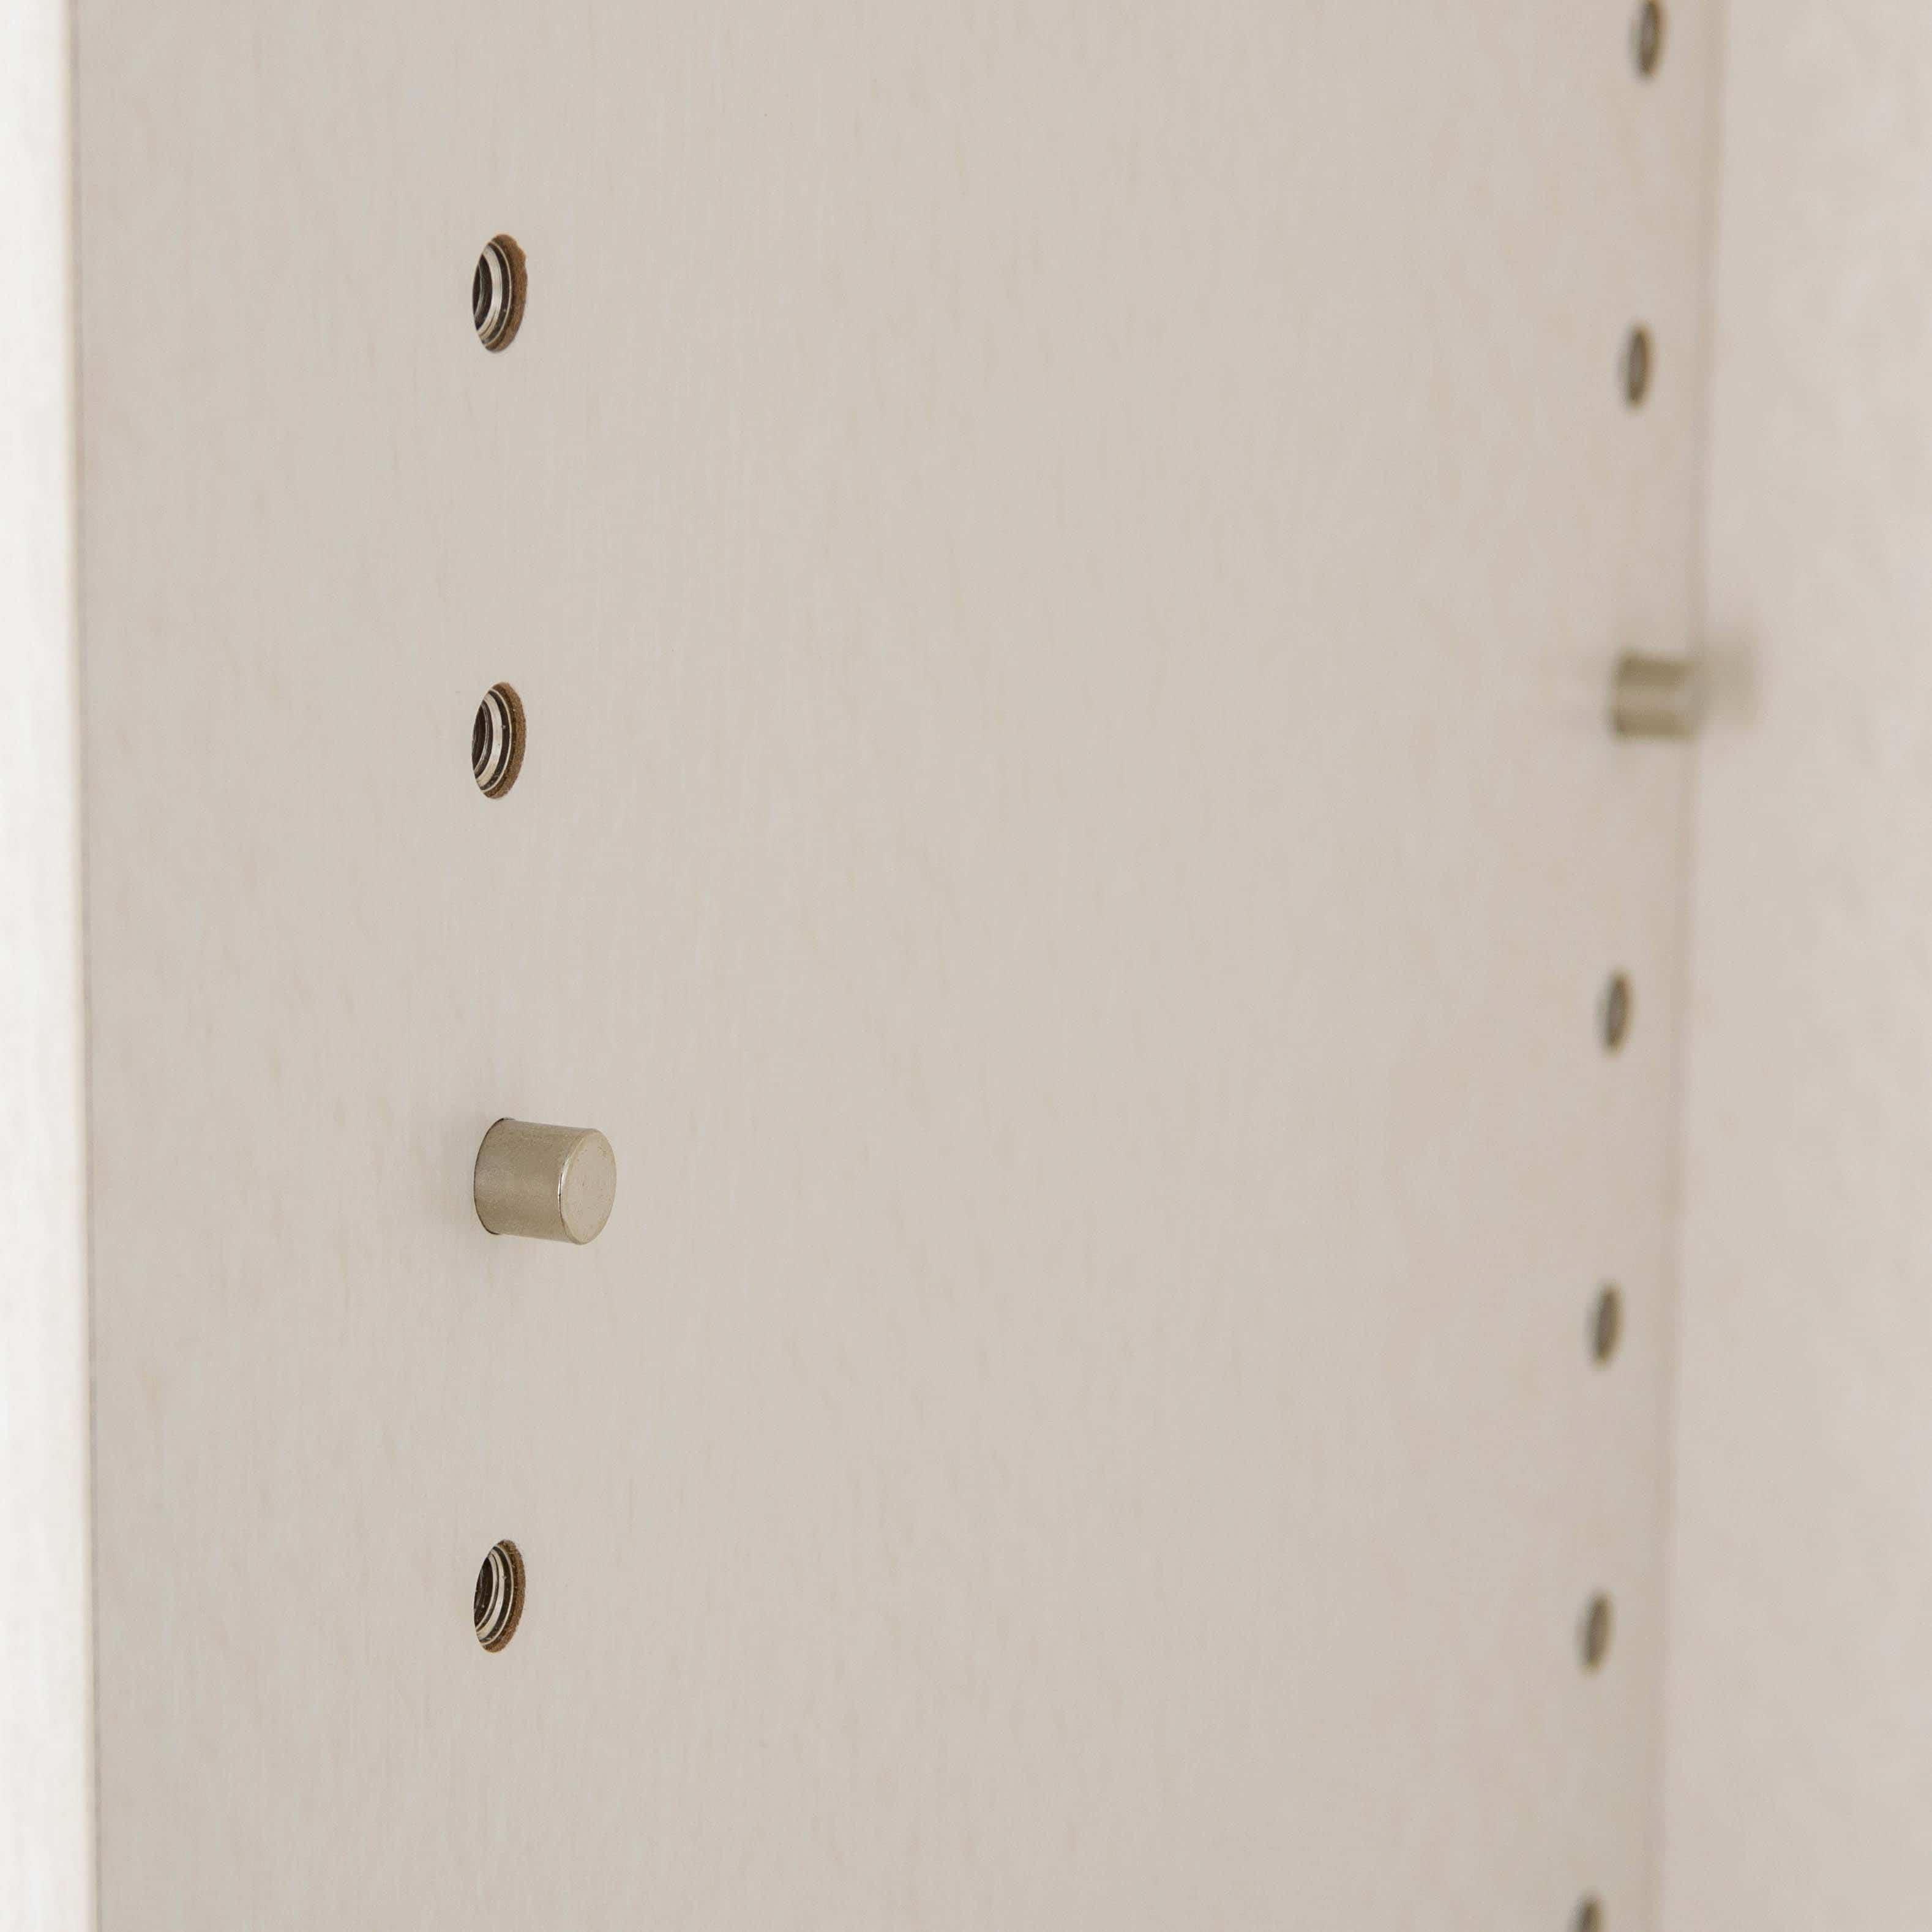 小島工芸 上置 アコード65A(チェリーナチュラル):キレイに収まる魅せる収納